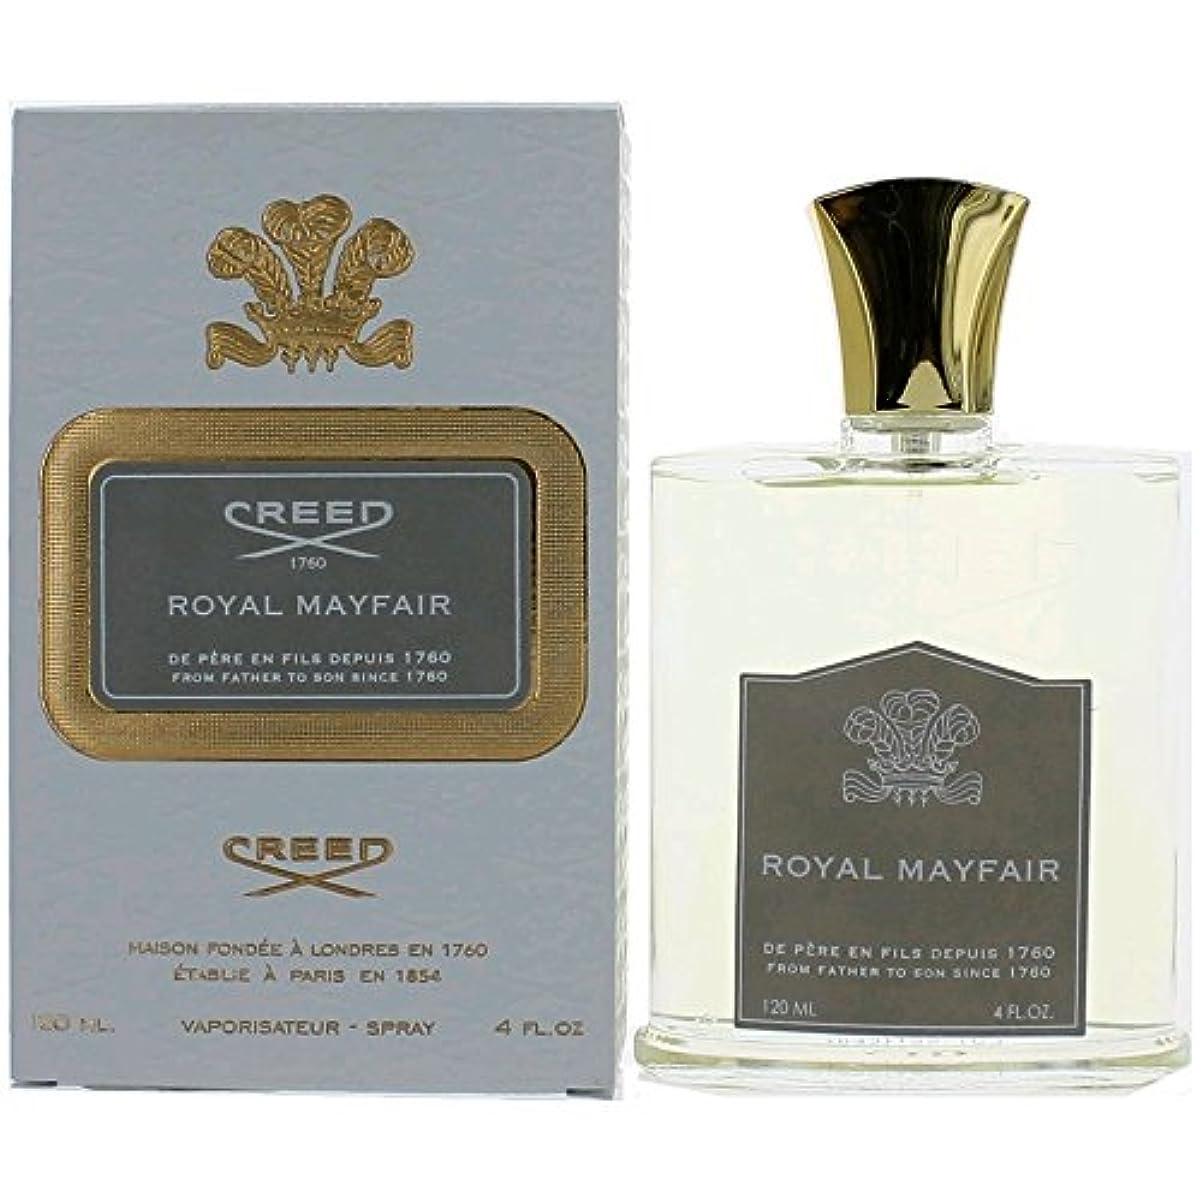 アデレード明るくする隔離Royal Mayfair by Creed Millesime Spray 4 oz